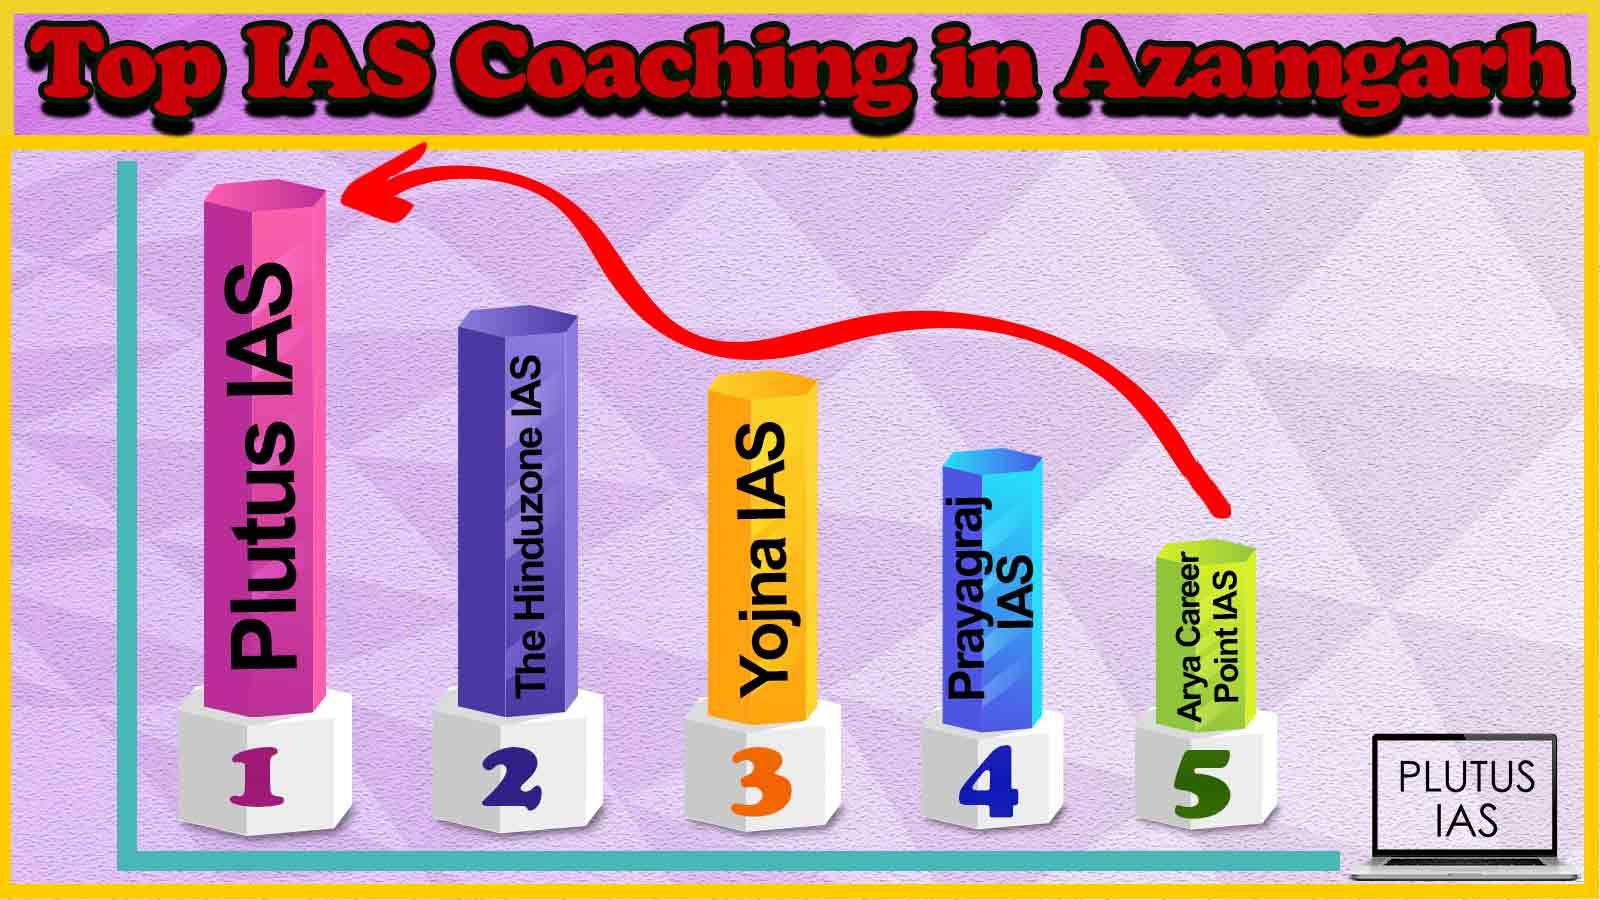 Best 10 IAS Coaching in Azamgarh